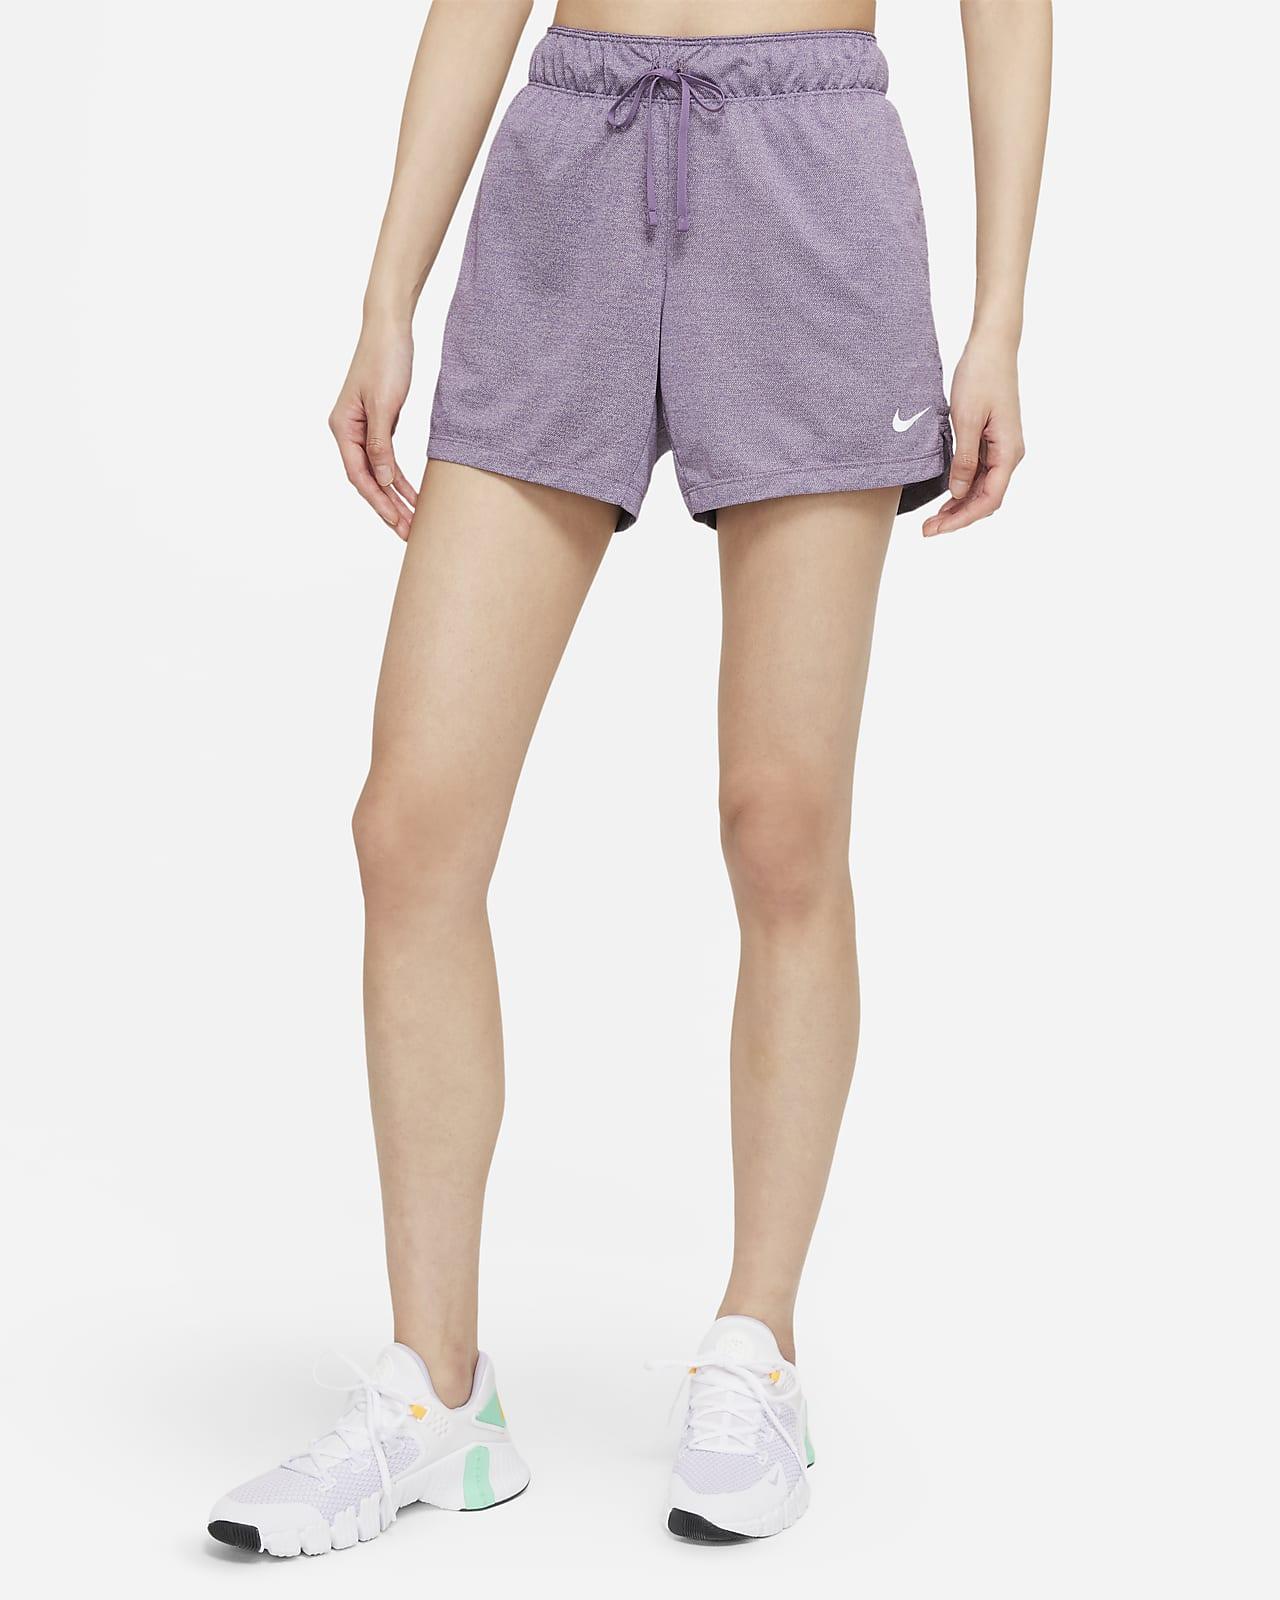 กางเกงเทรนนิ่งขาสั้นผู้หญิง Nike Dri-FIT Attack